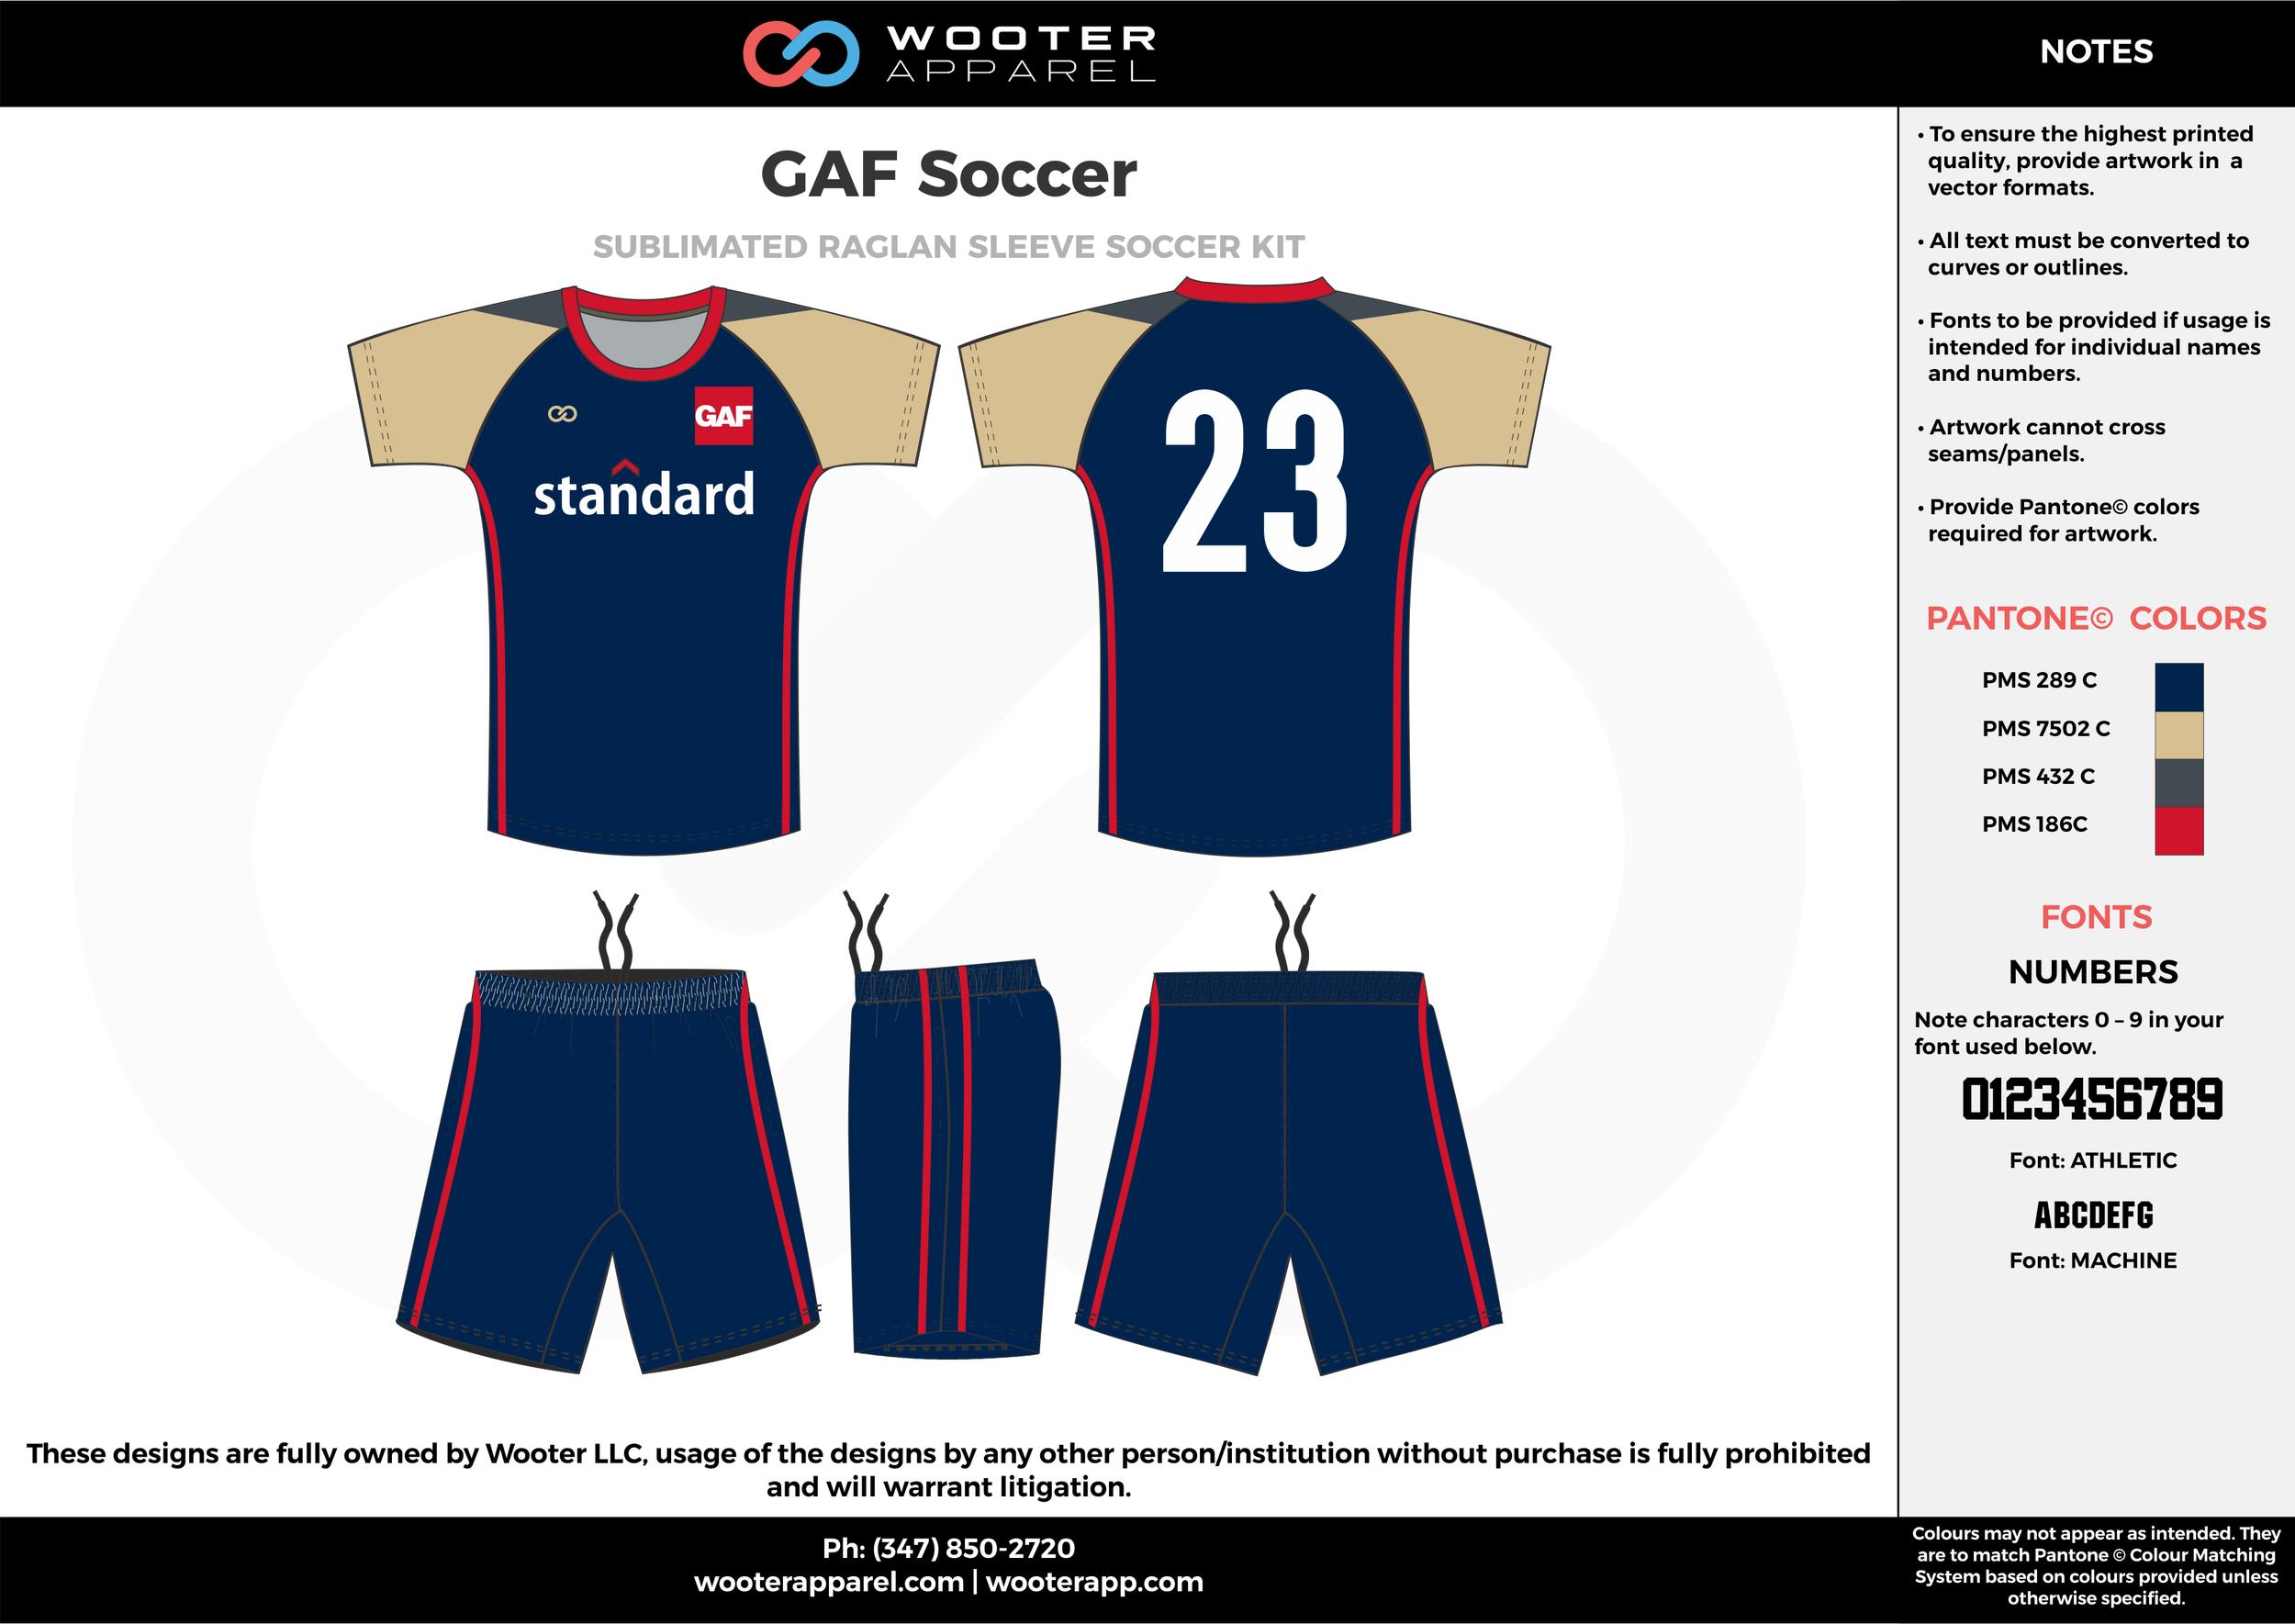 GAF navy blue beige red custom sublimated soccer uniform jersey shirt shorts